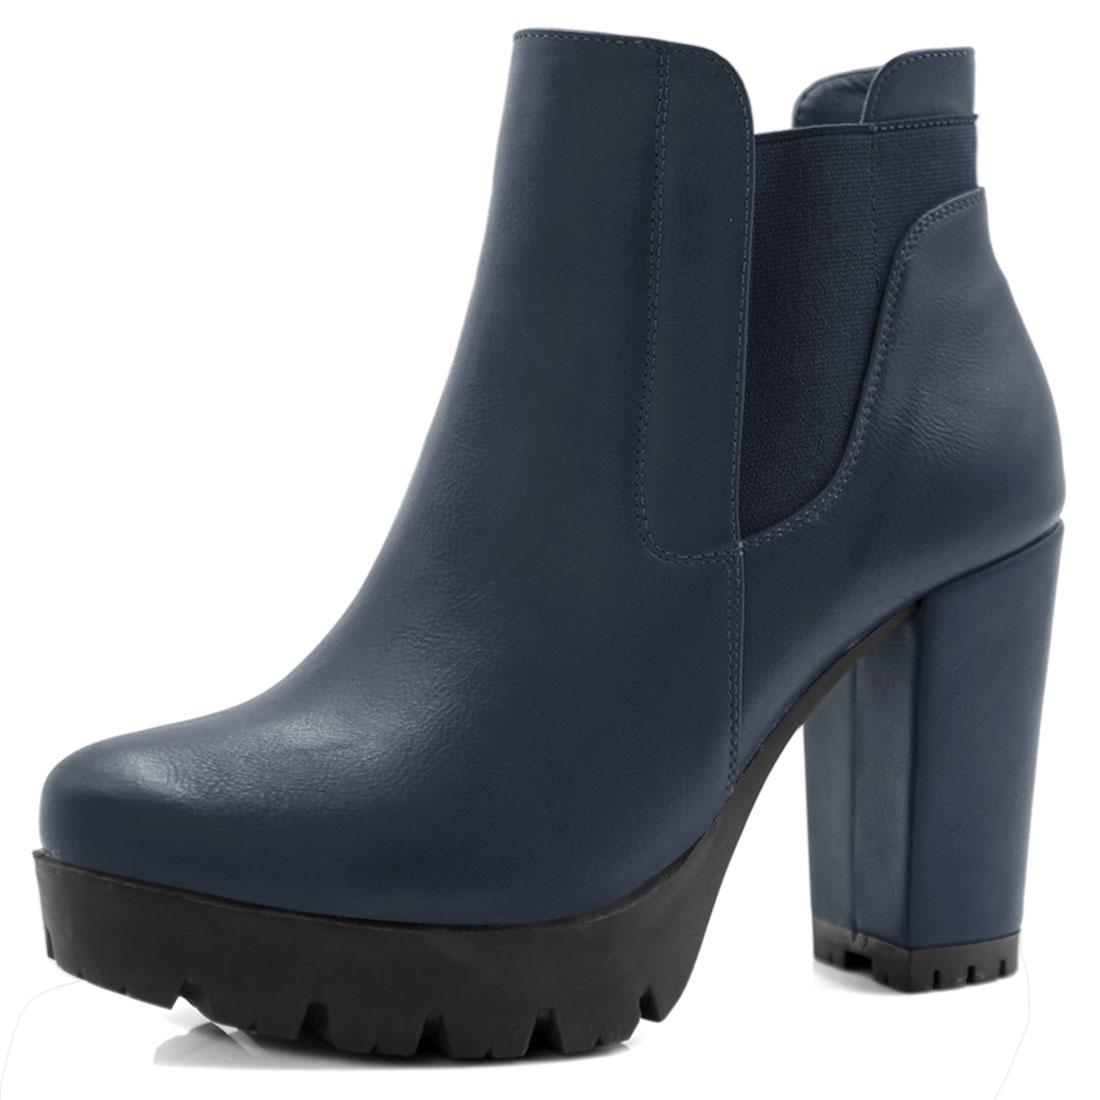 Allegra K Women Chunky High Heel Platform Zipper Chelsea Boots Navy Blue US 9.5